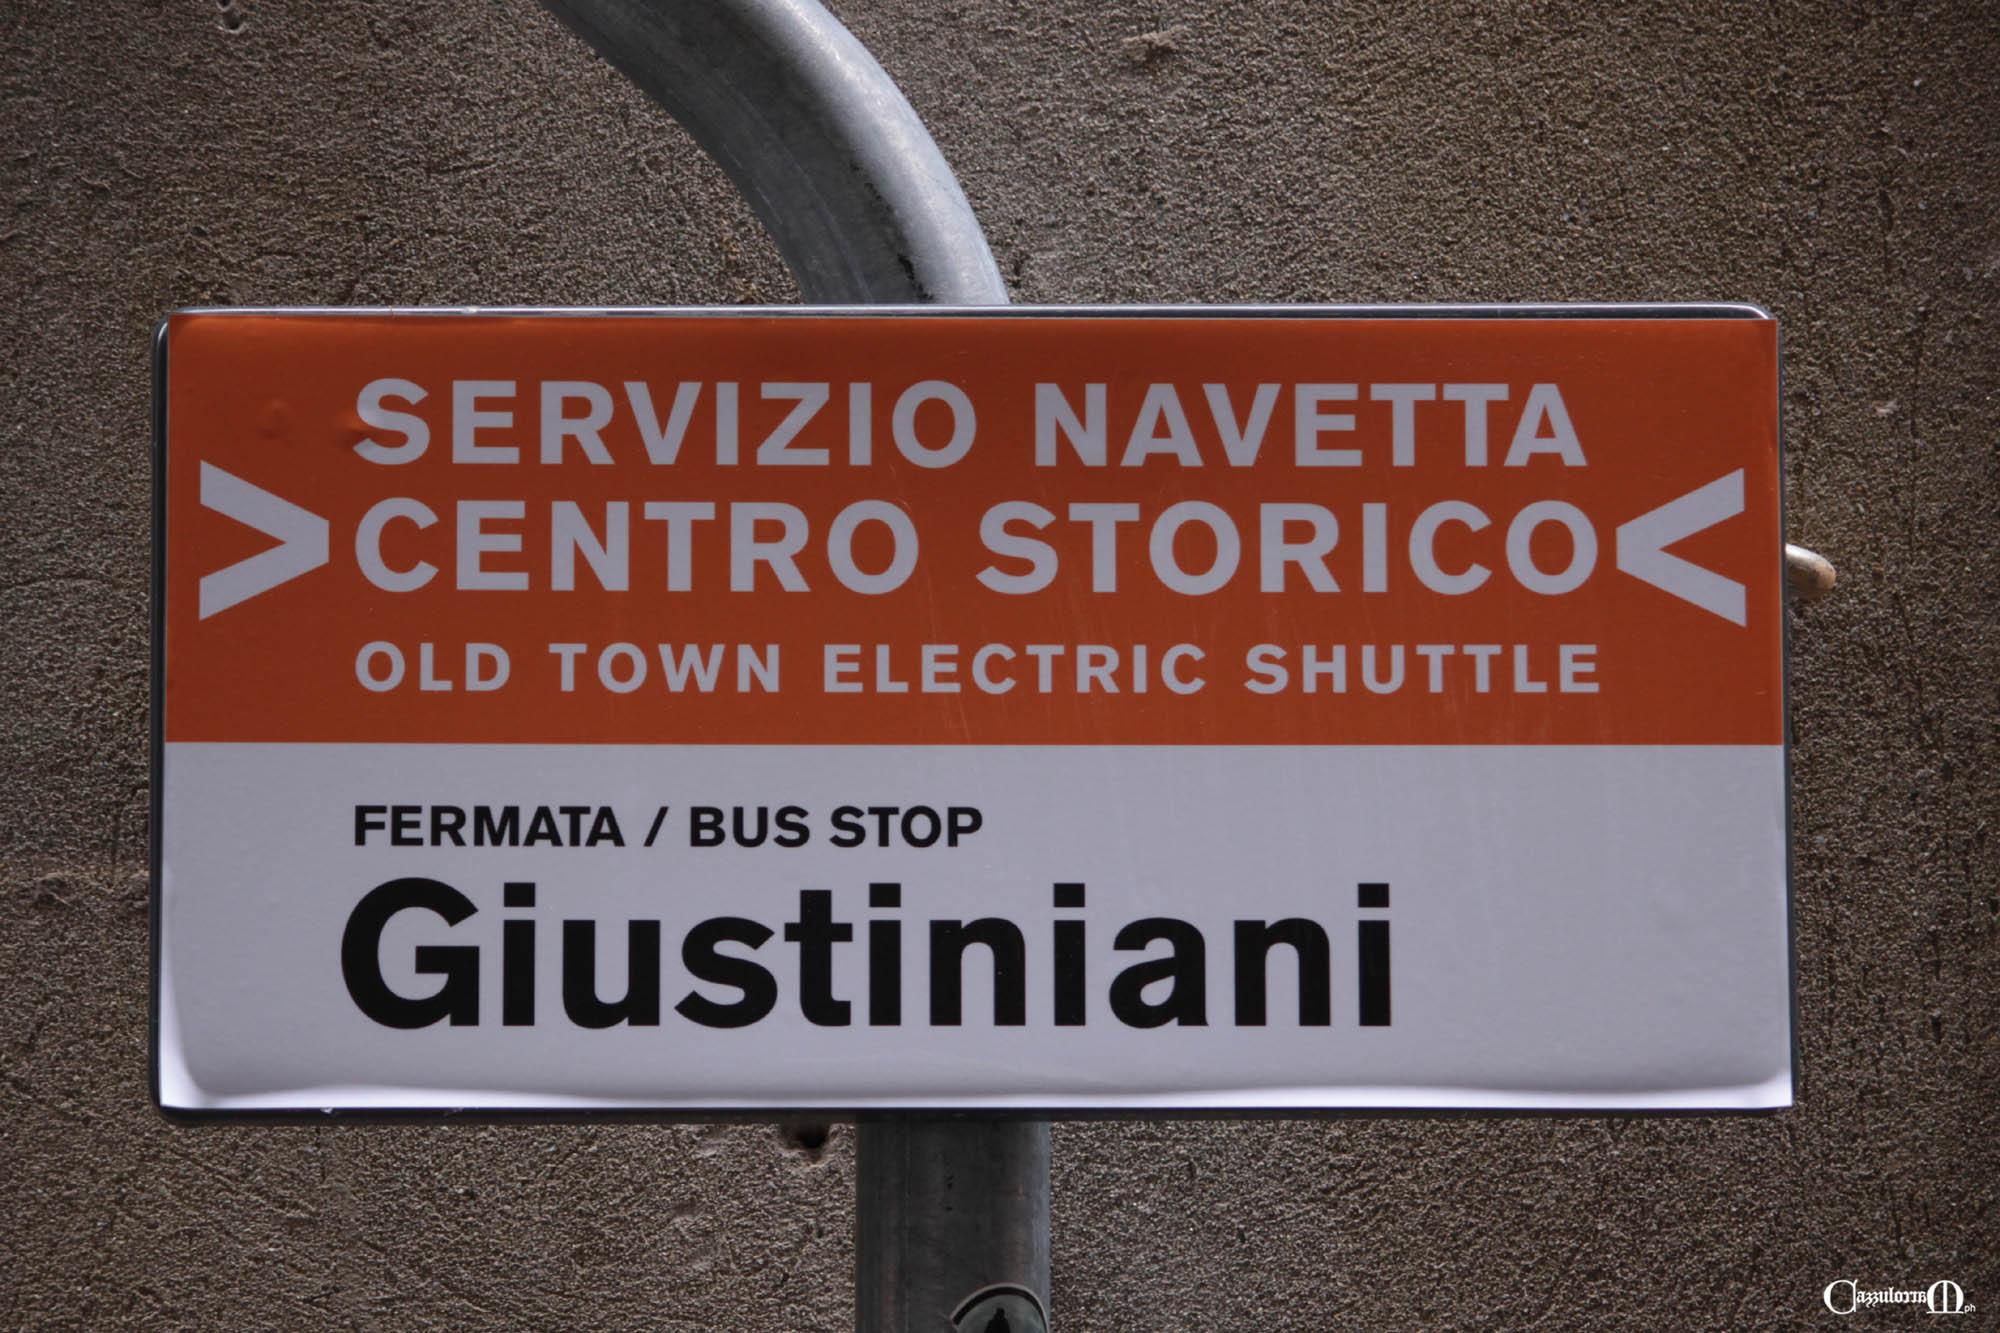 Servizio Navetta elettrica in via dei Giustiniani